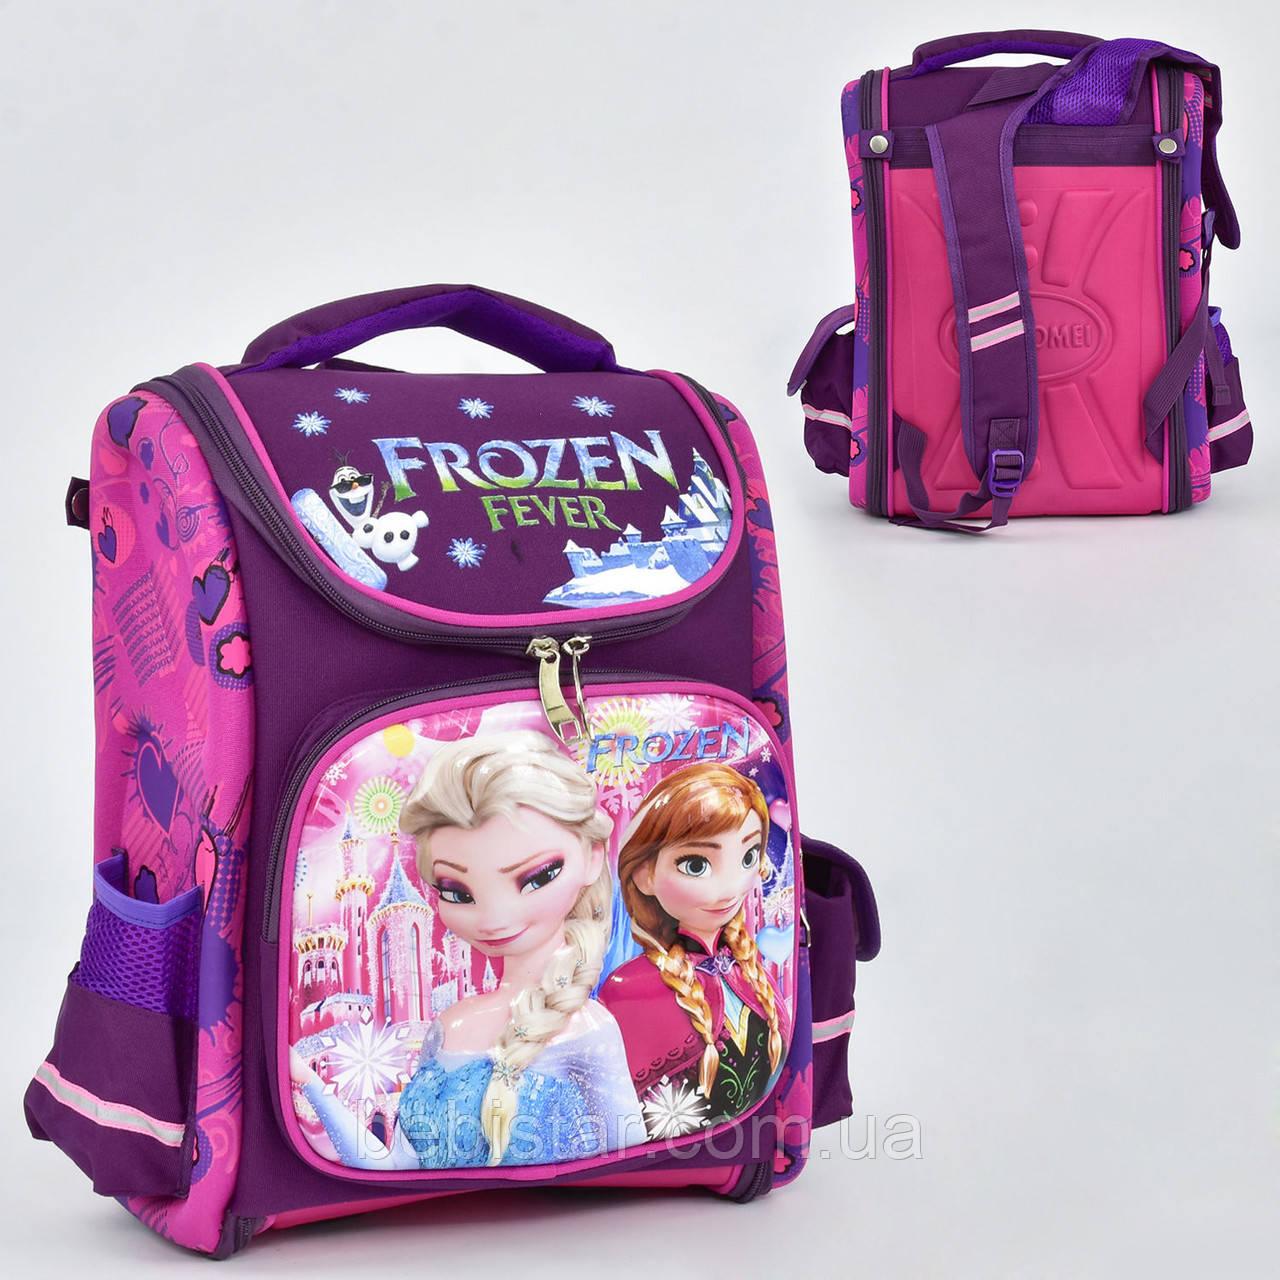 Школьный рюкзак Фрозен ортопедическая спинка 3 кармана